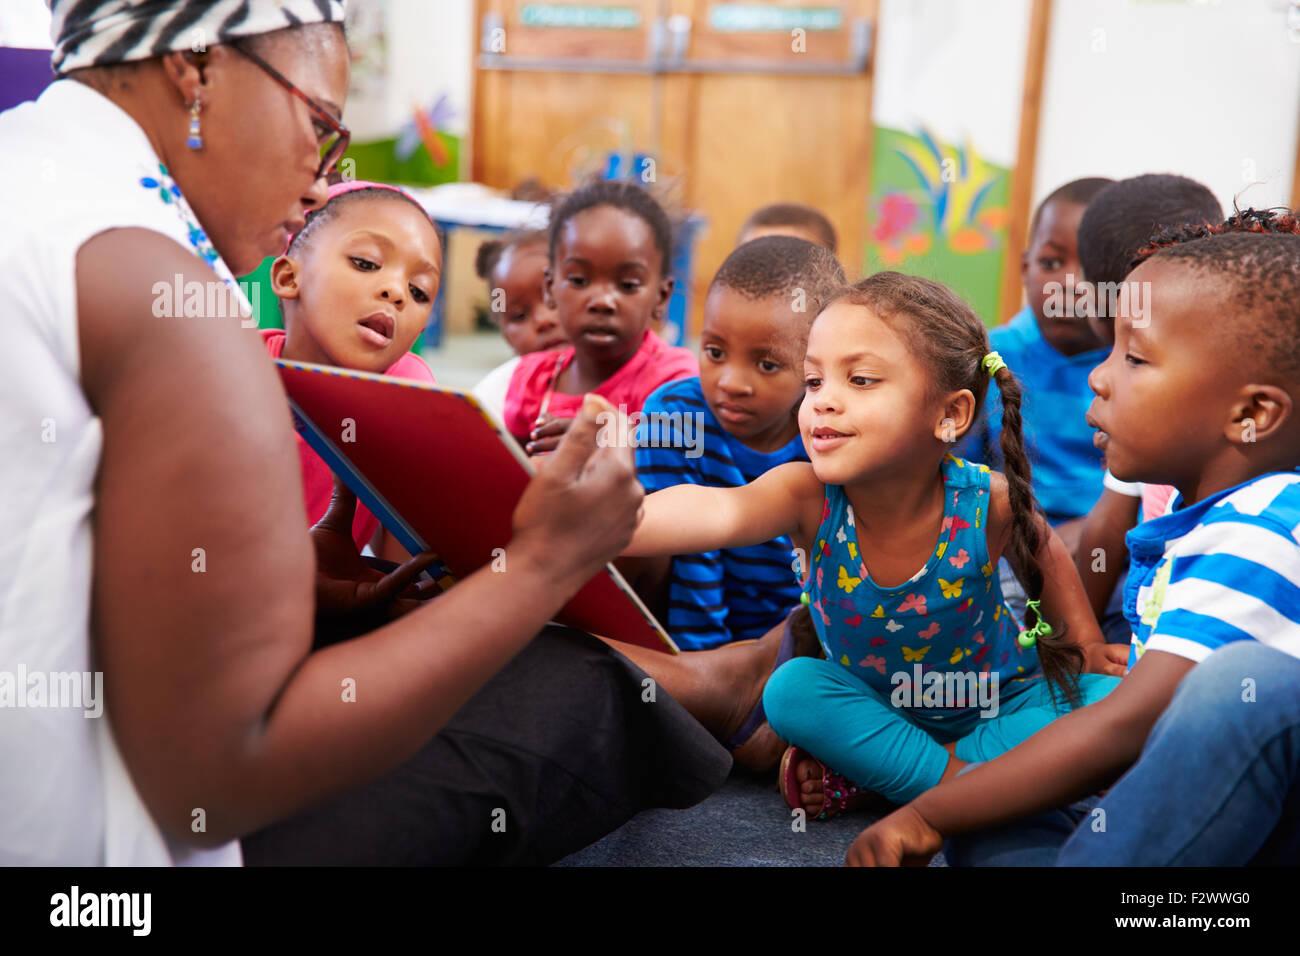 La lecture d'un livre de l'enseignant avec une classe d'enfants d'âge préscolaire Banque D'Images